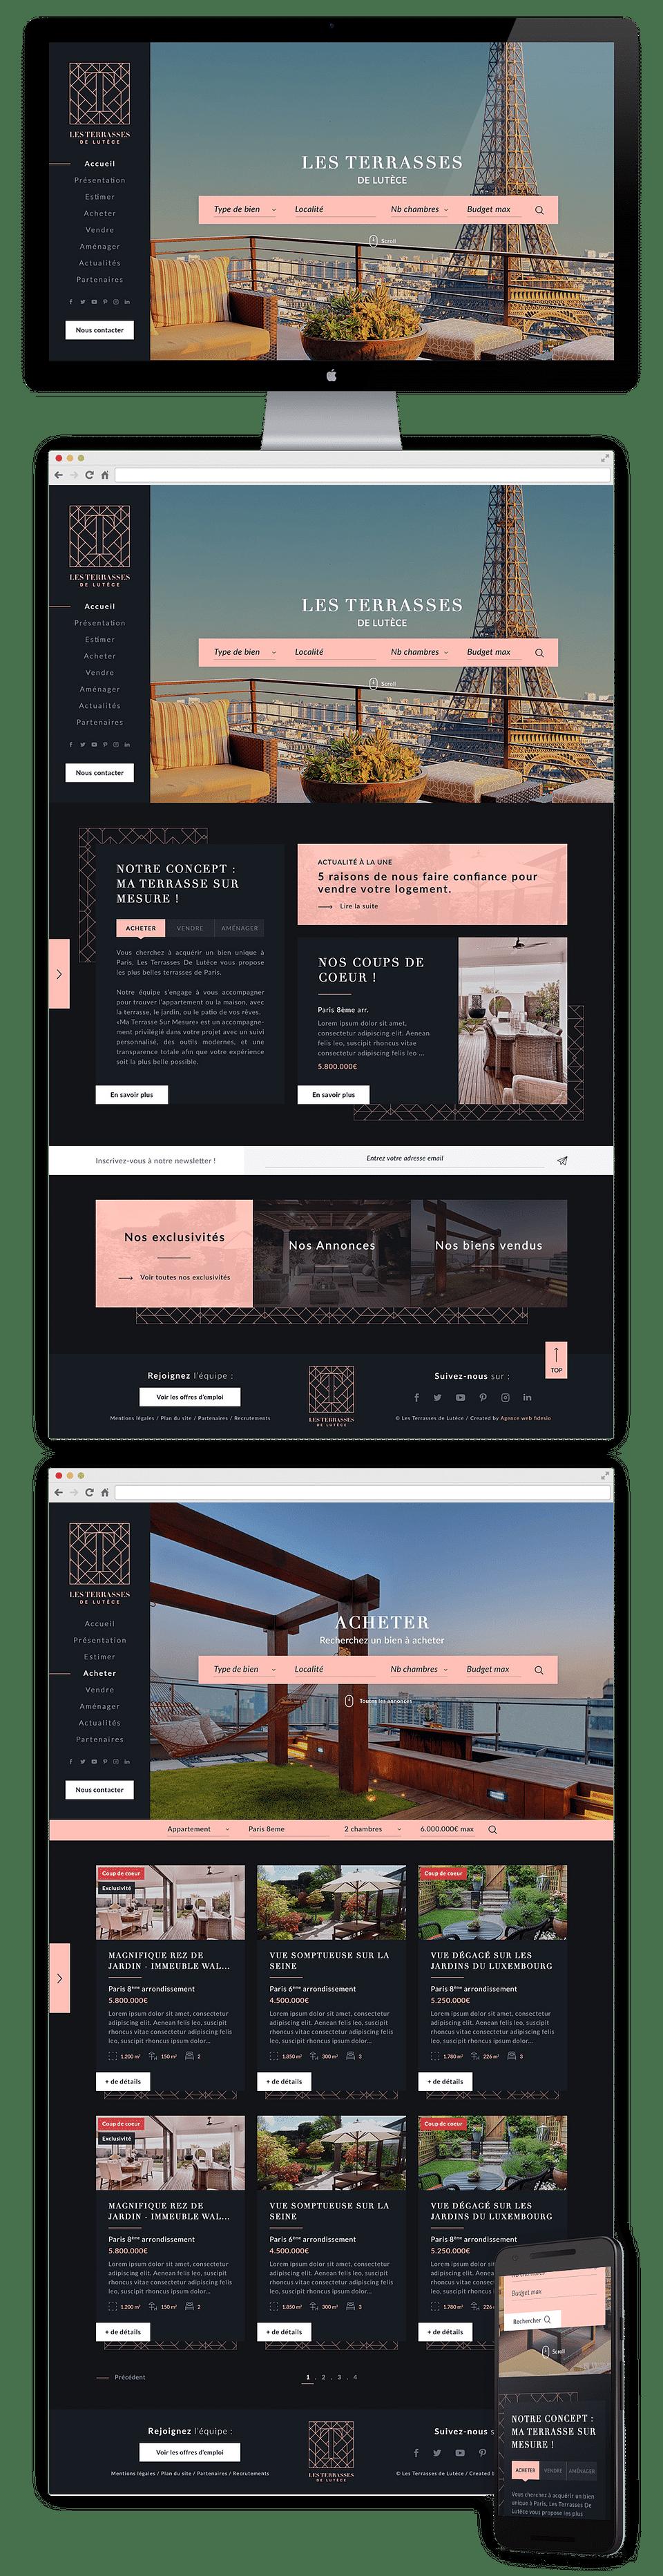 Création site immobilier - Les Terrasses de Lutèce